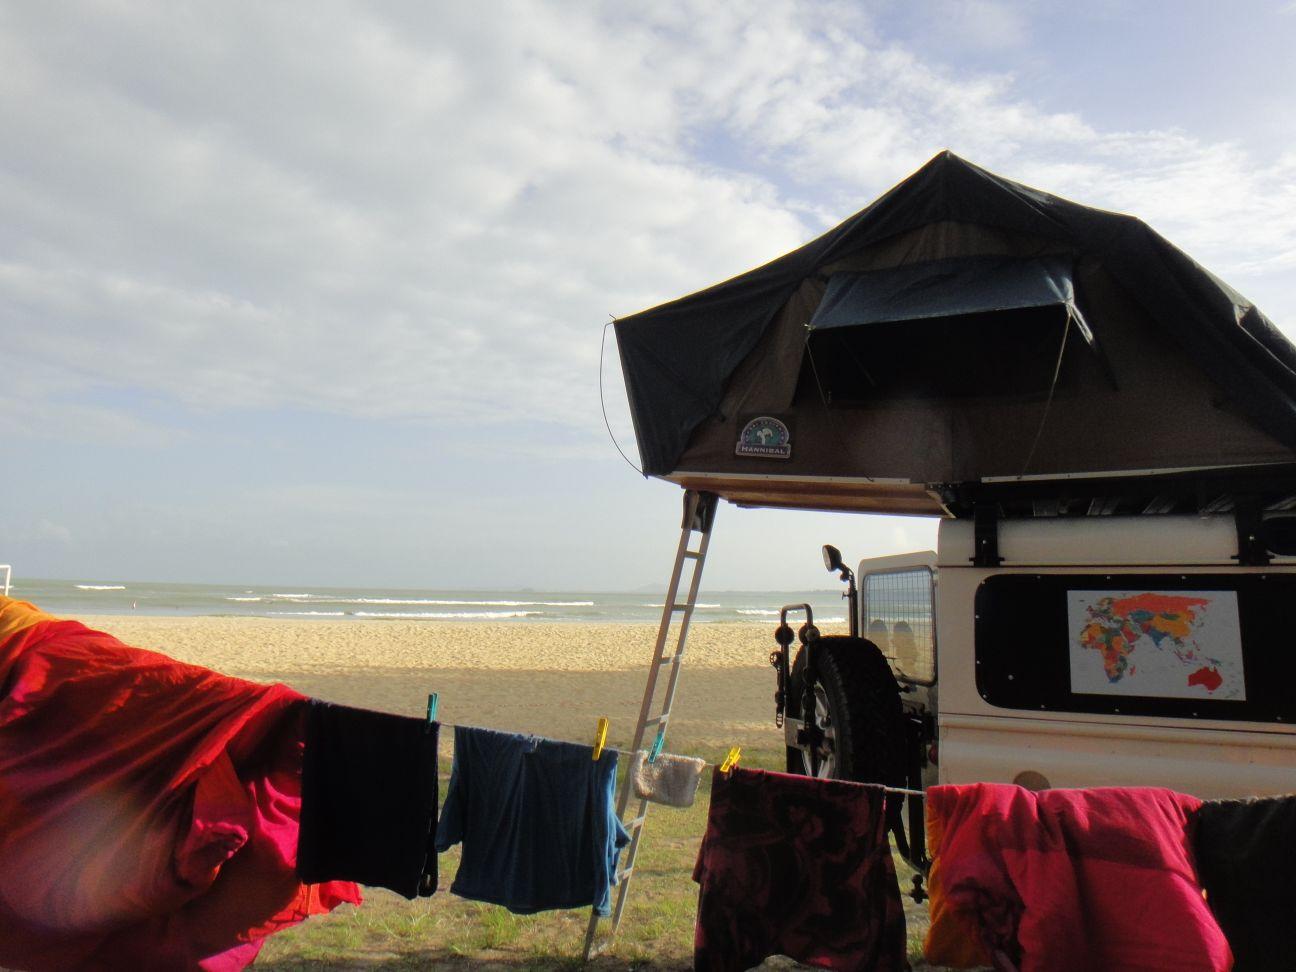 fantastic campsite